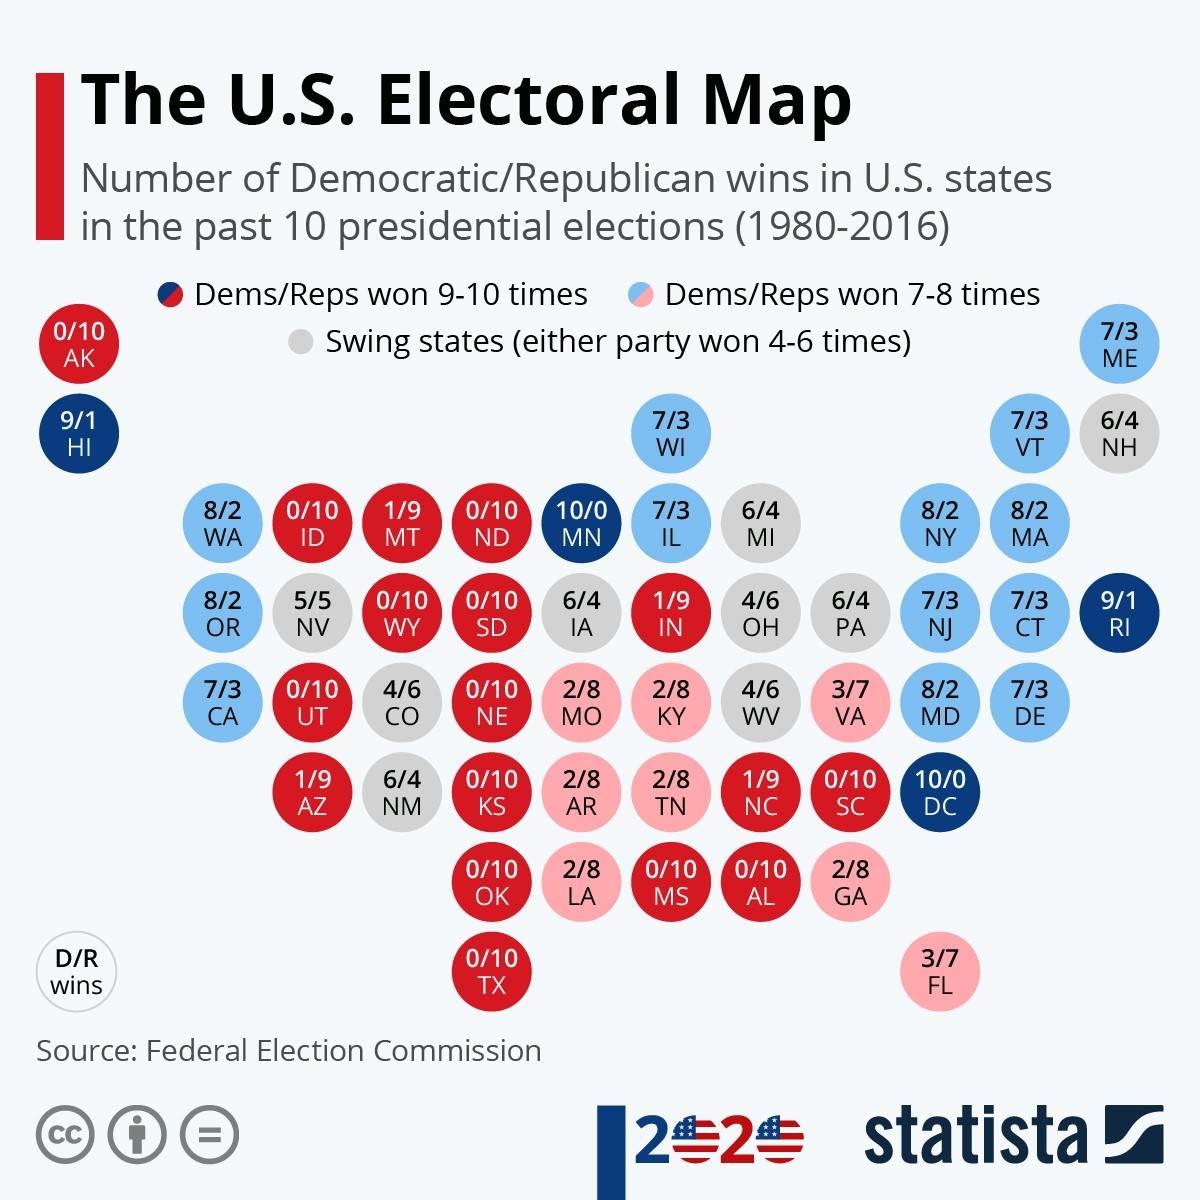 نسب فوز الحزبين في الولايات الامريكية خلال العشر سنوات السابقة